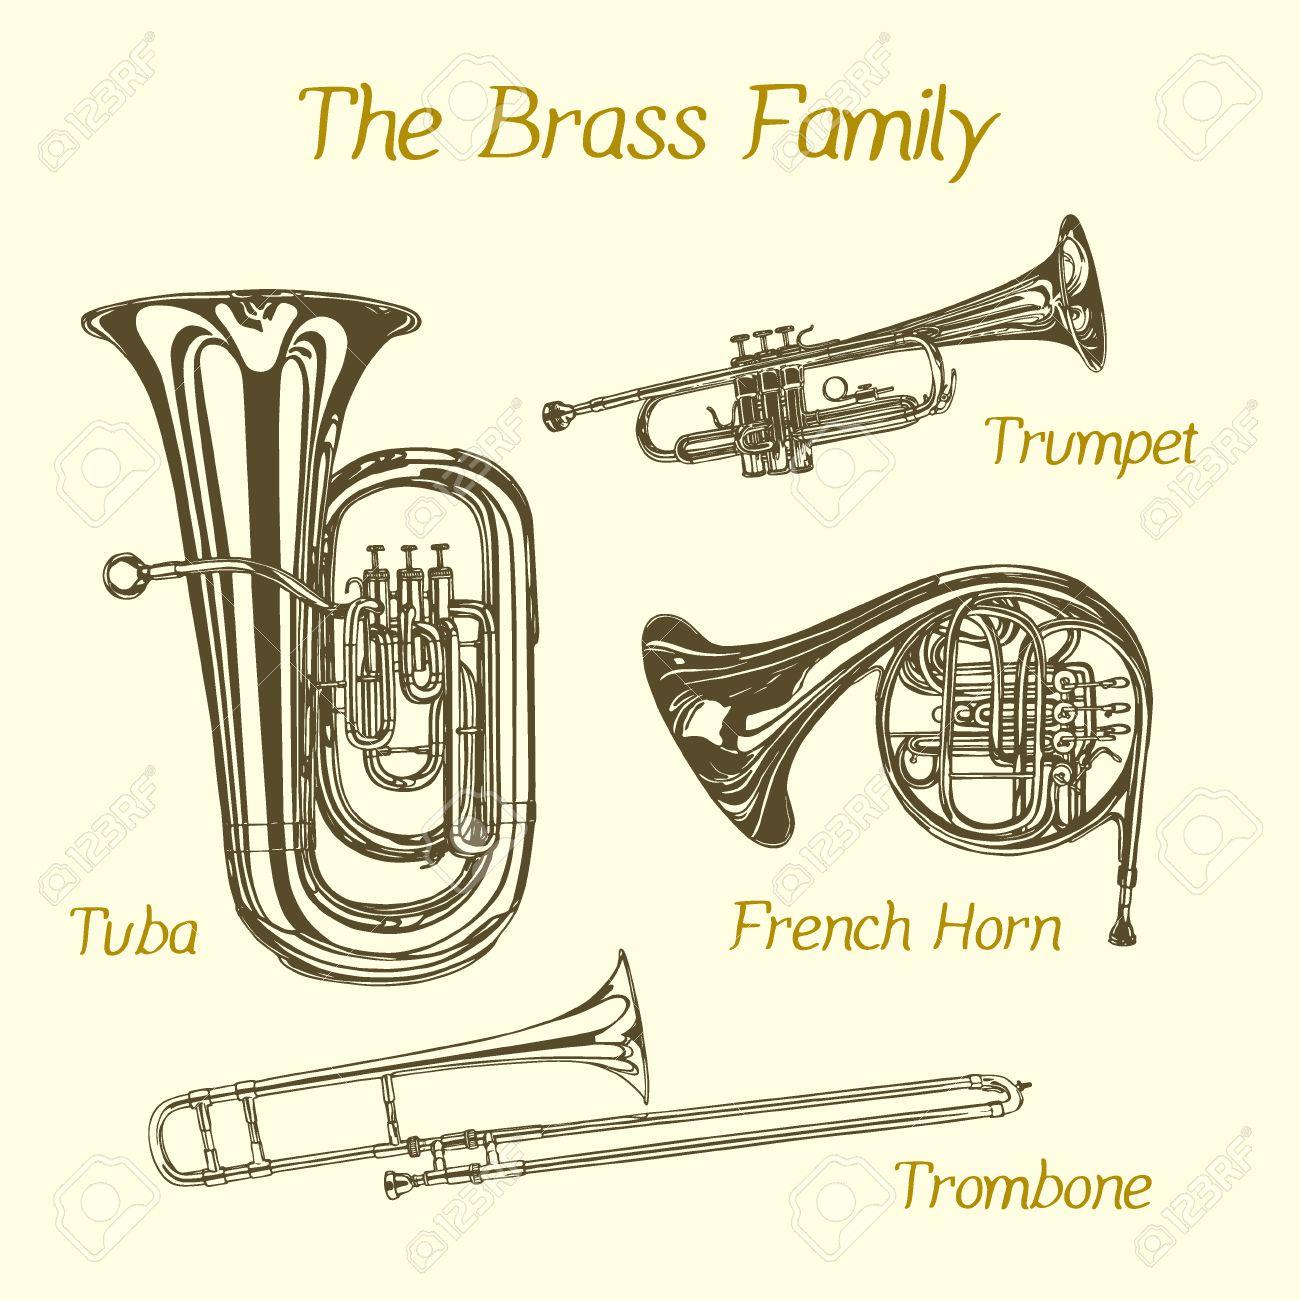 手のベクトル図には 金管楽器家族が描かれています 美しいインク チューバ トランペット トロンボーン フレンチ ホルンを描画します のイラスト素材 ベクタ Image